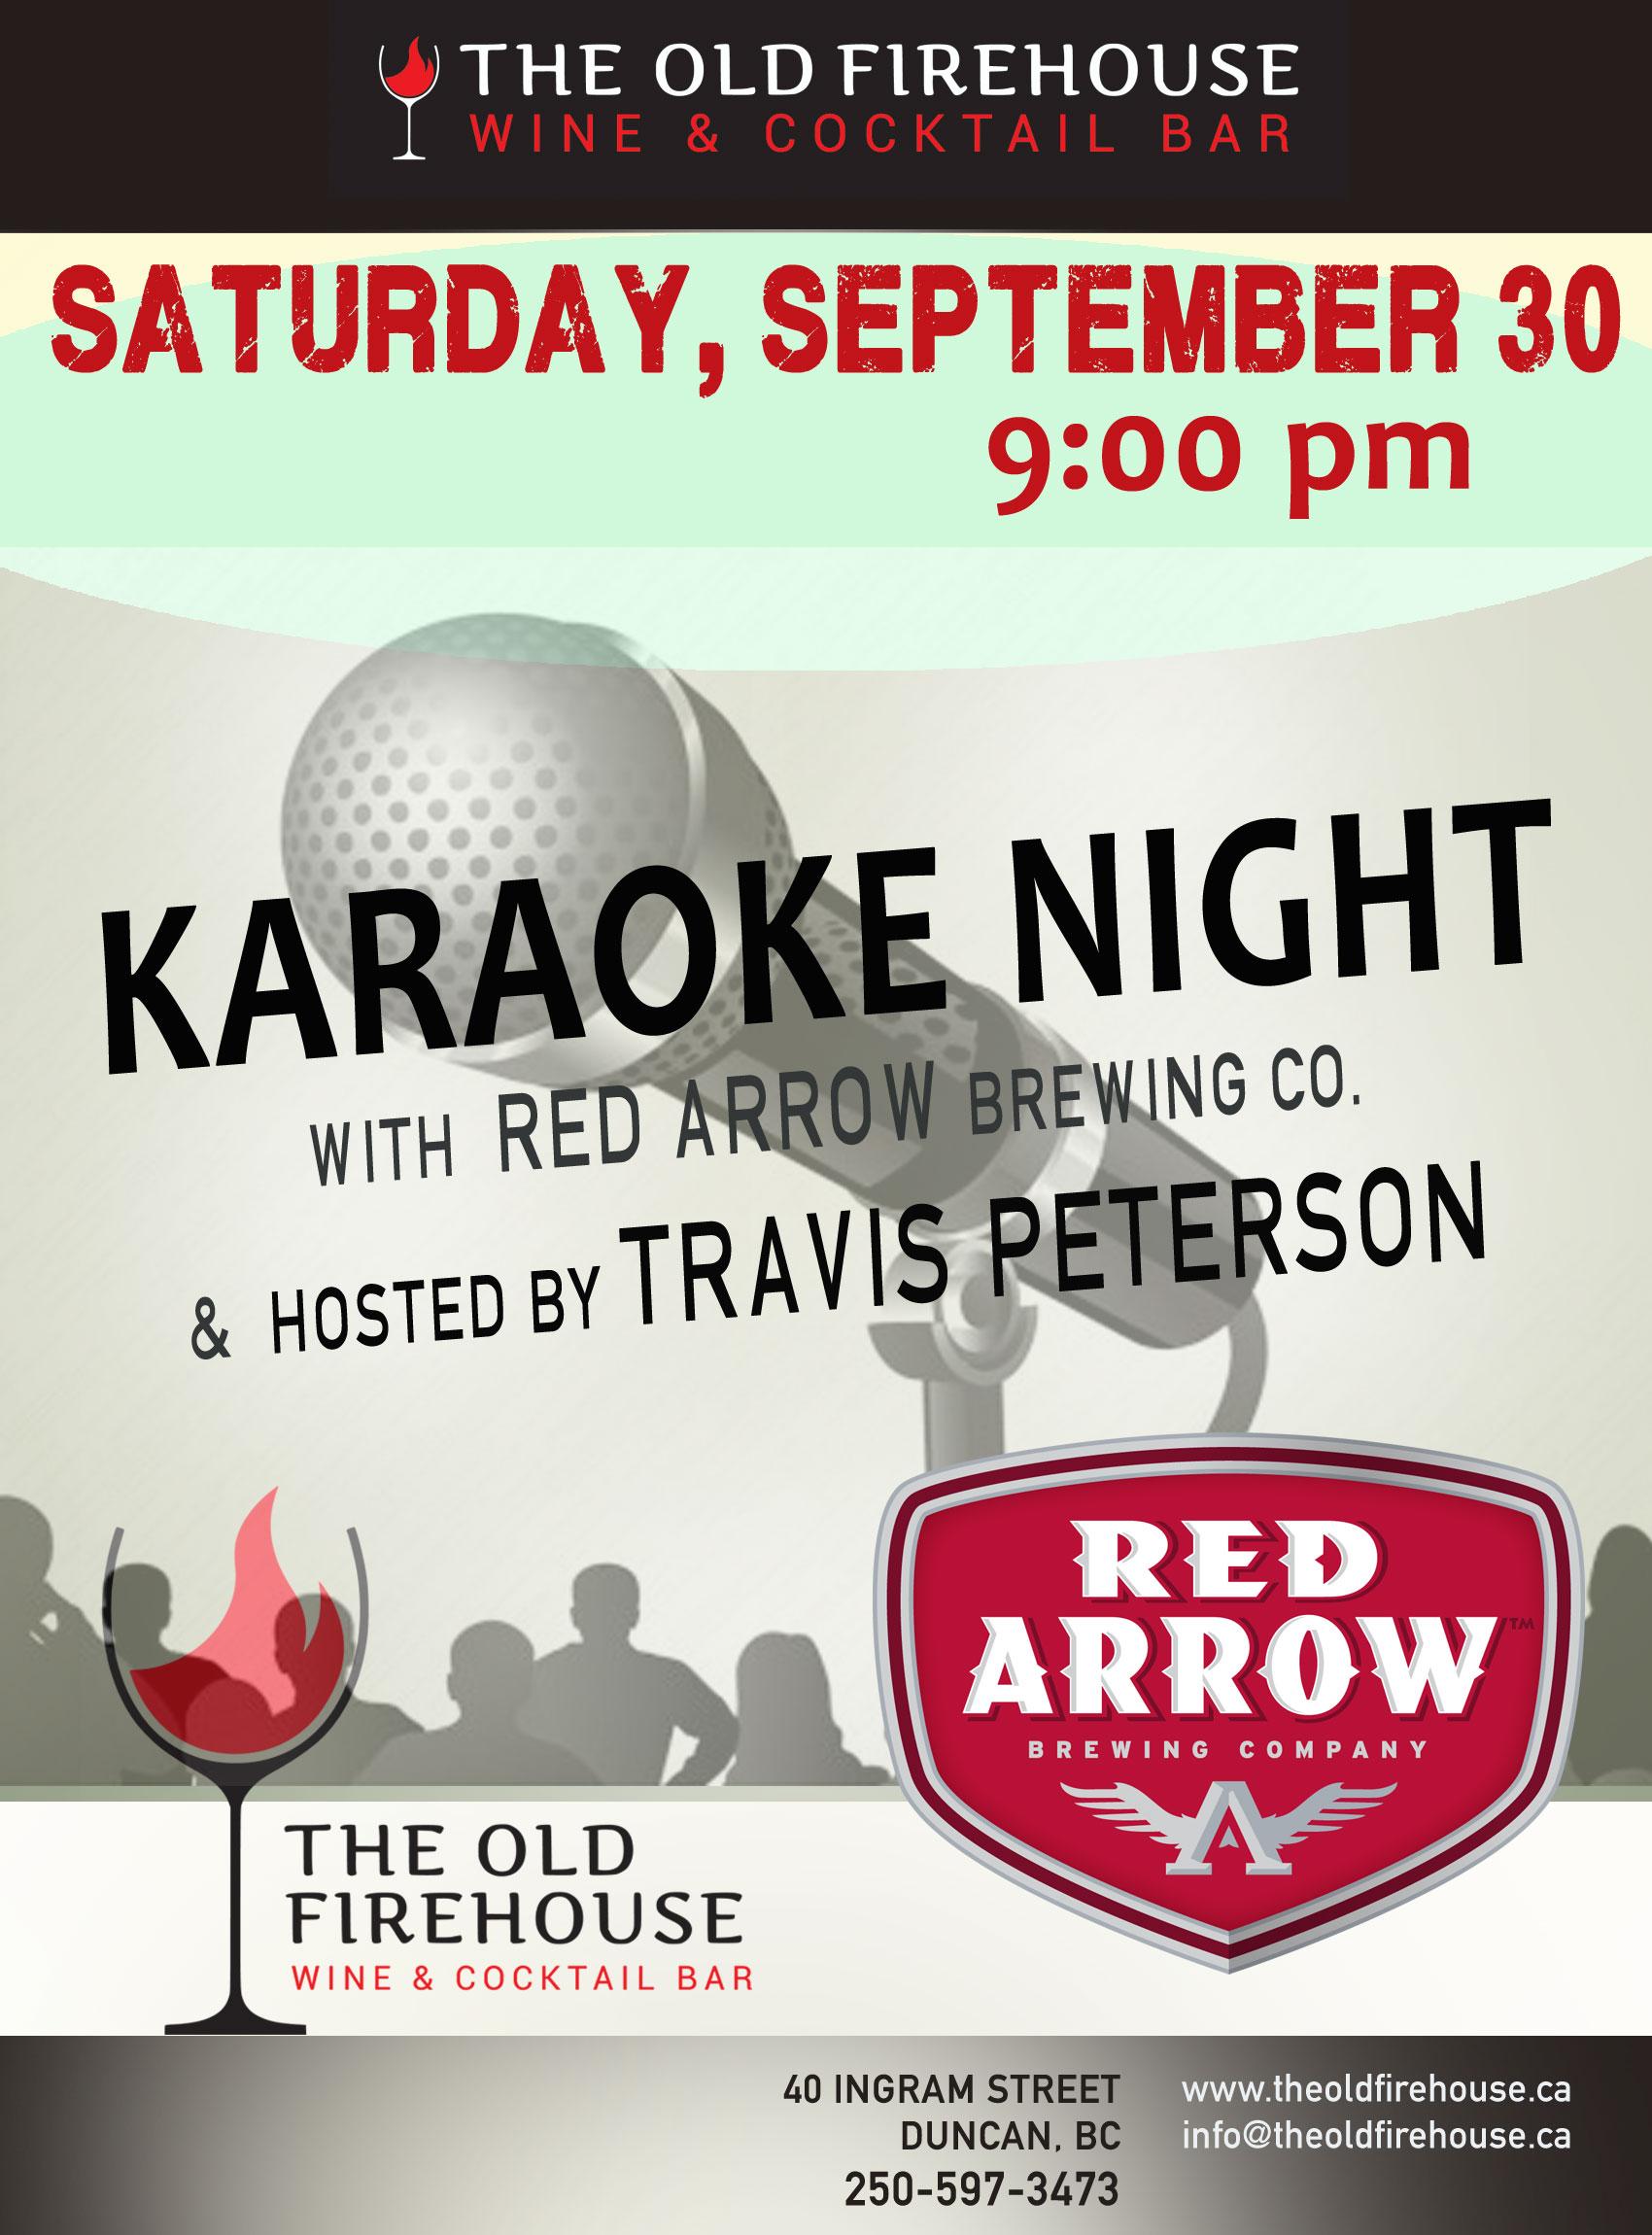 karaoke-poster-red-arrow.jpg